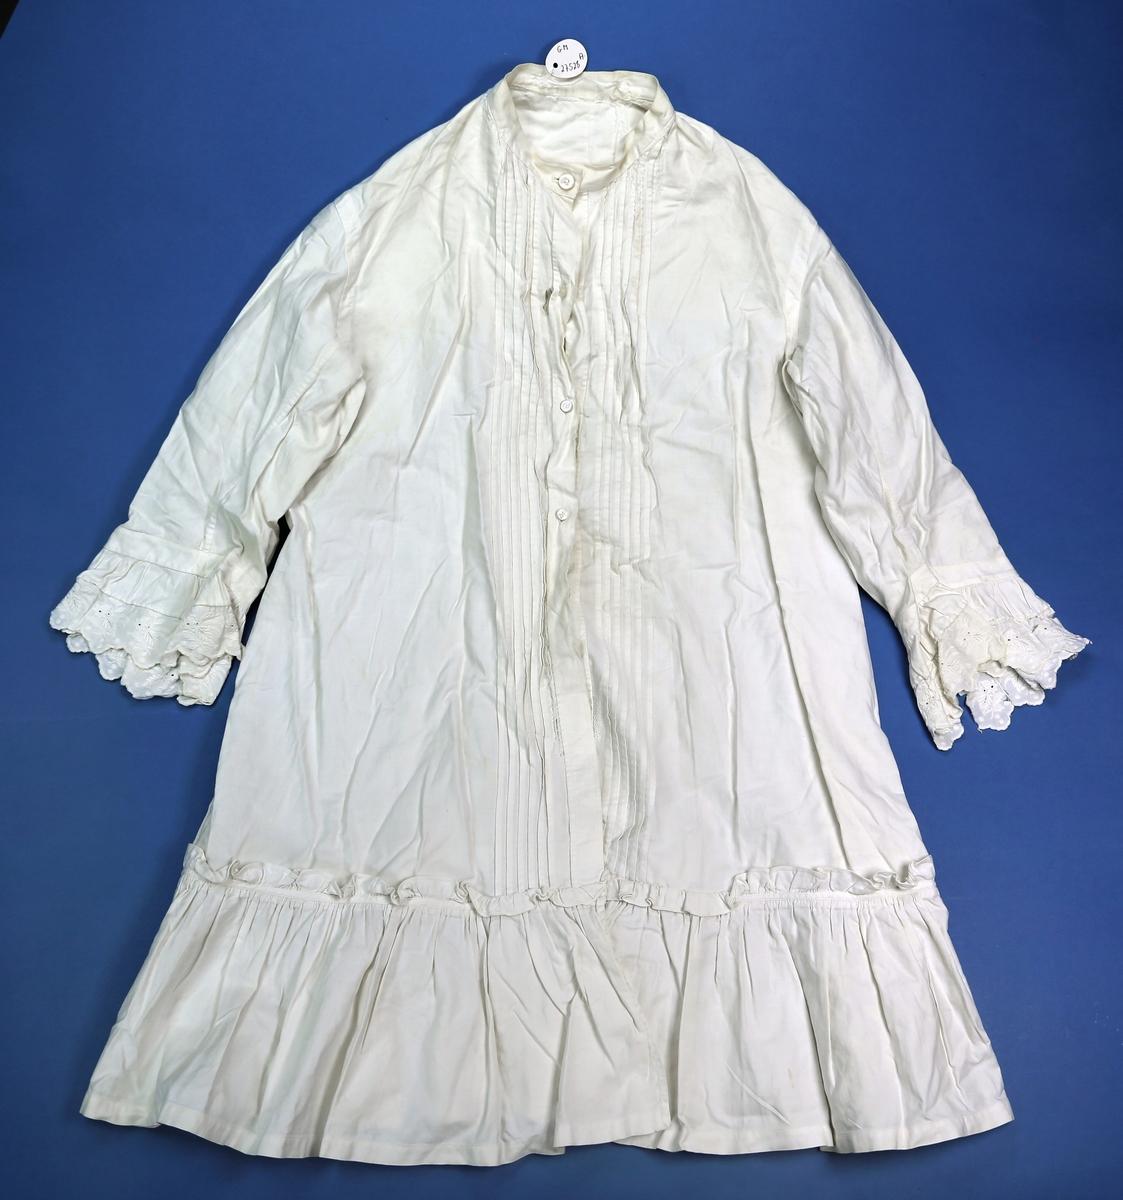 Kjole av kypertvevd bomull med foldet kandt nederst, knepping fra halsen og ned til foldekantent med vertikale legg langs åpningen, knapper av plast, blondekant rundt ermene